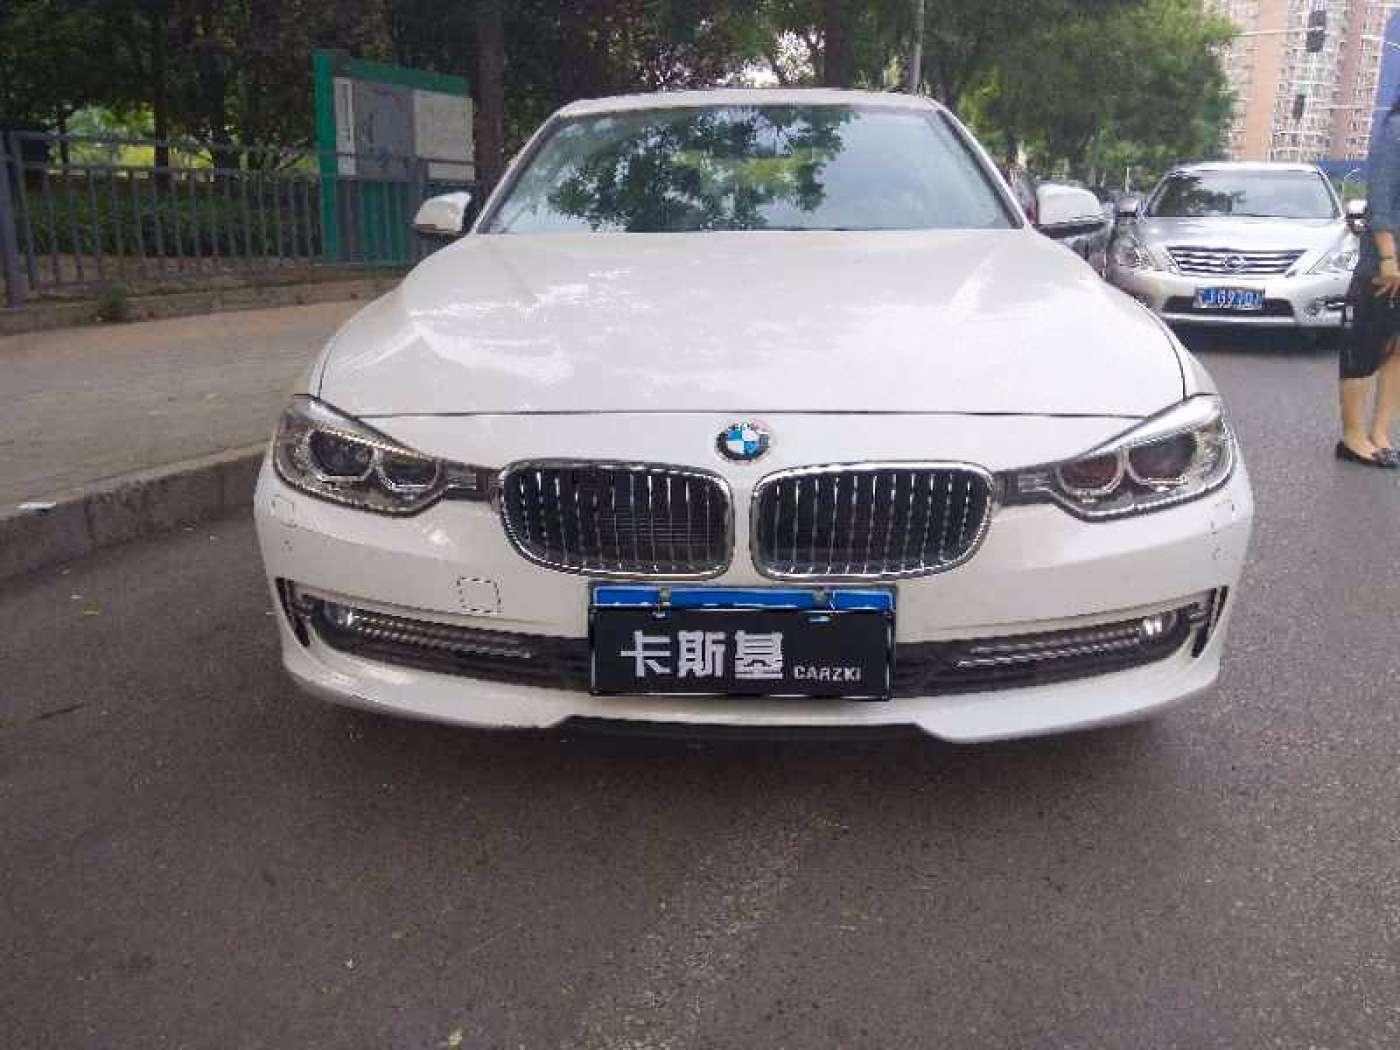 2014年09月 宝马3系 2014款 328Li xDrive风尚设计套装|甄选宝马-北京卡斯基汽车服务有限公司